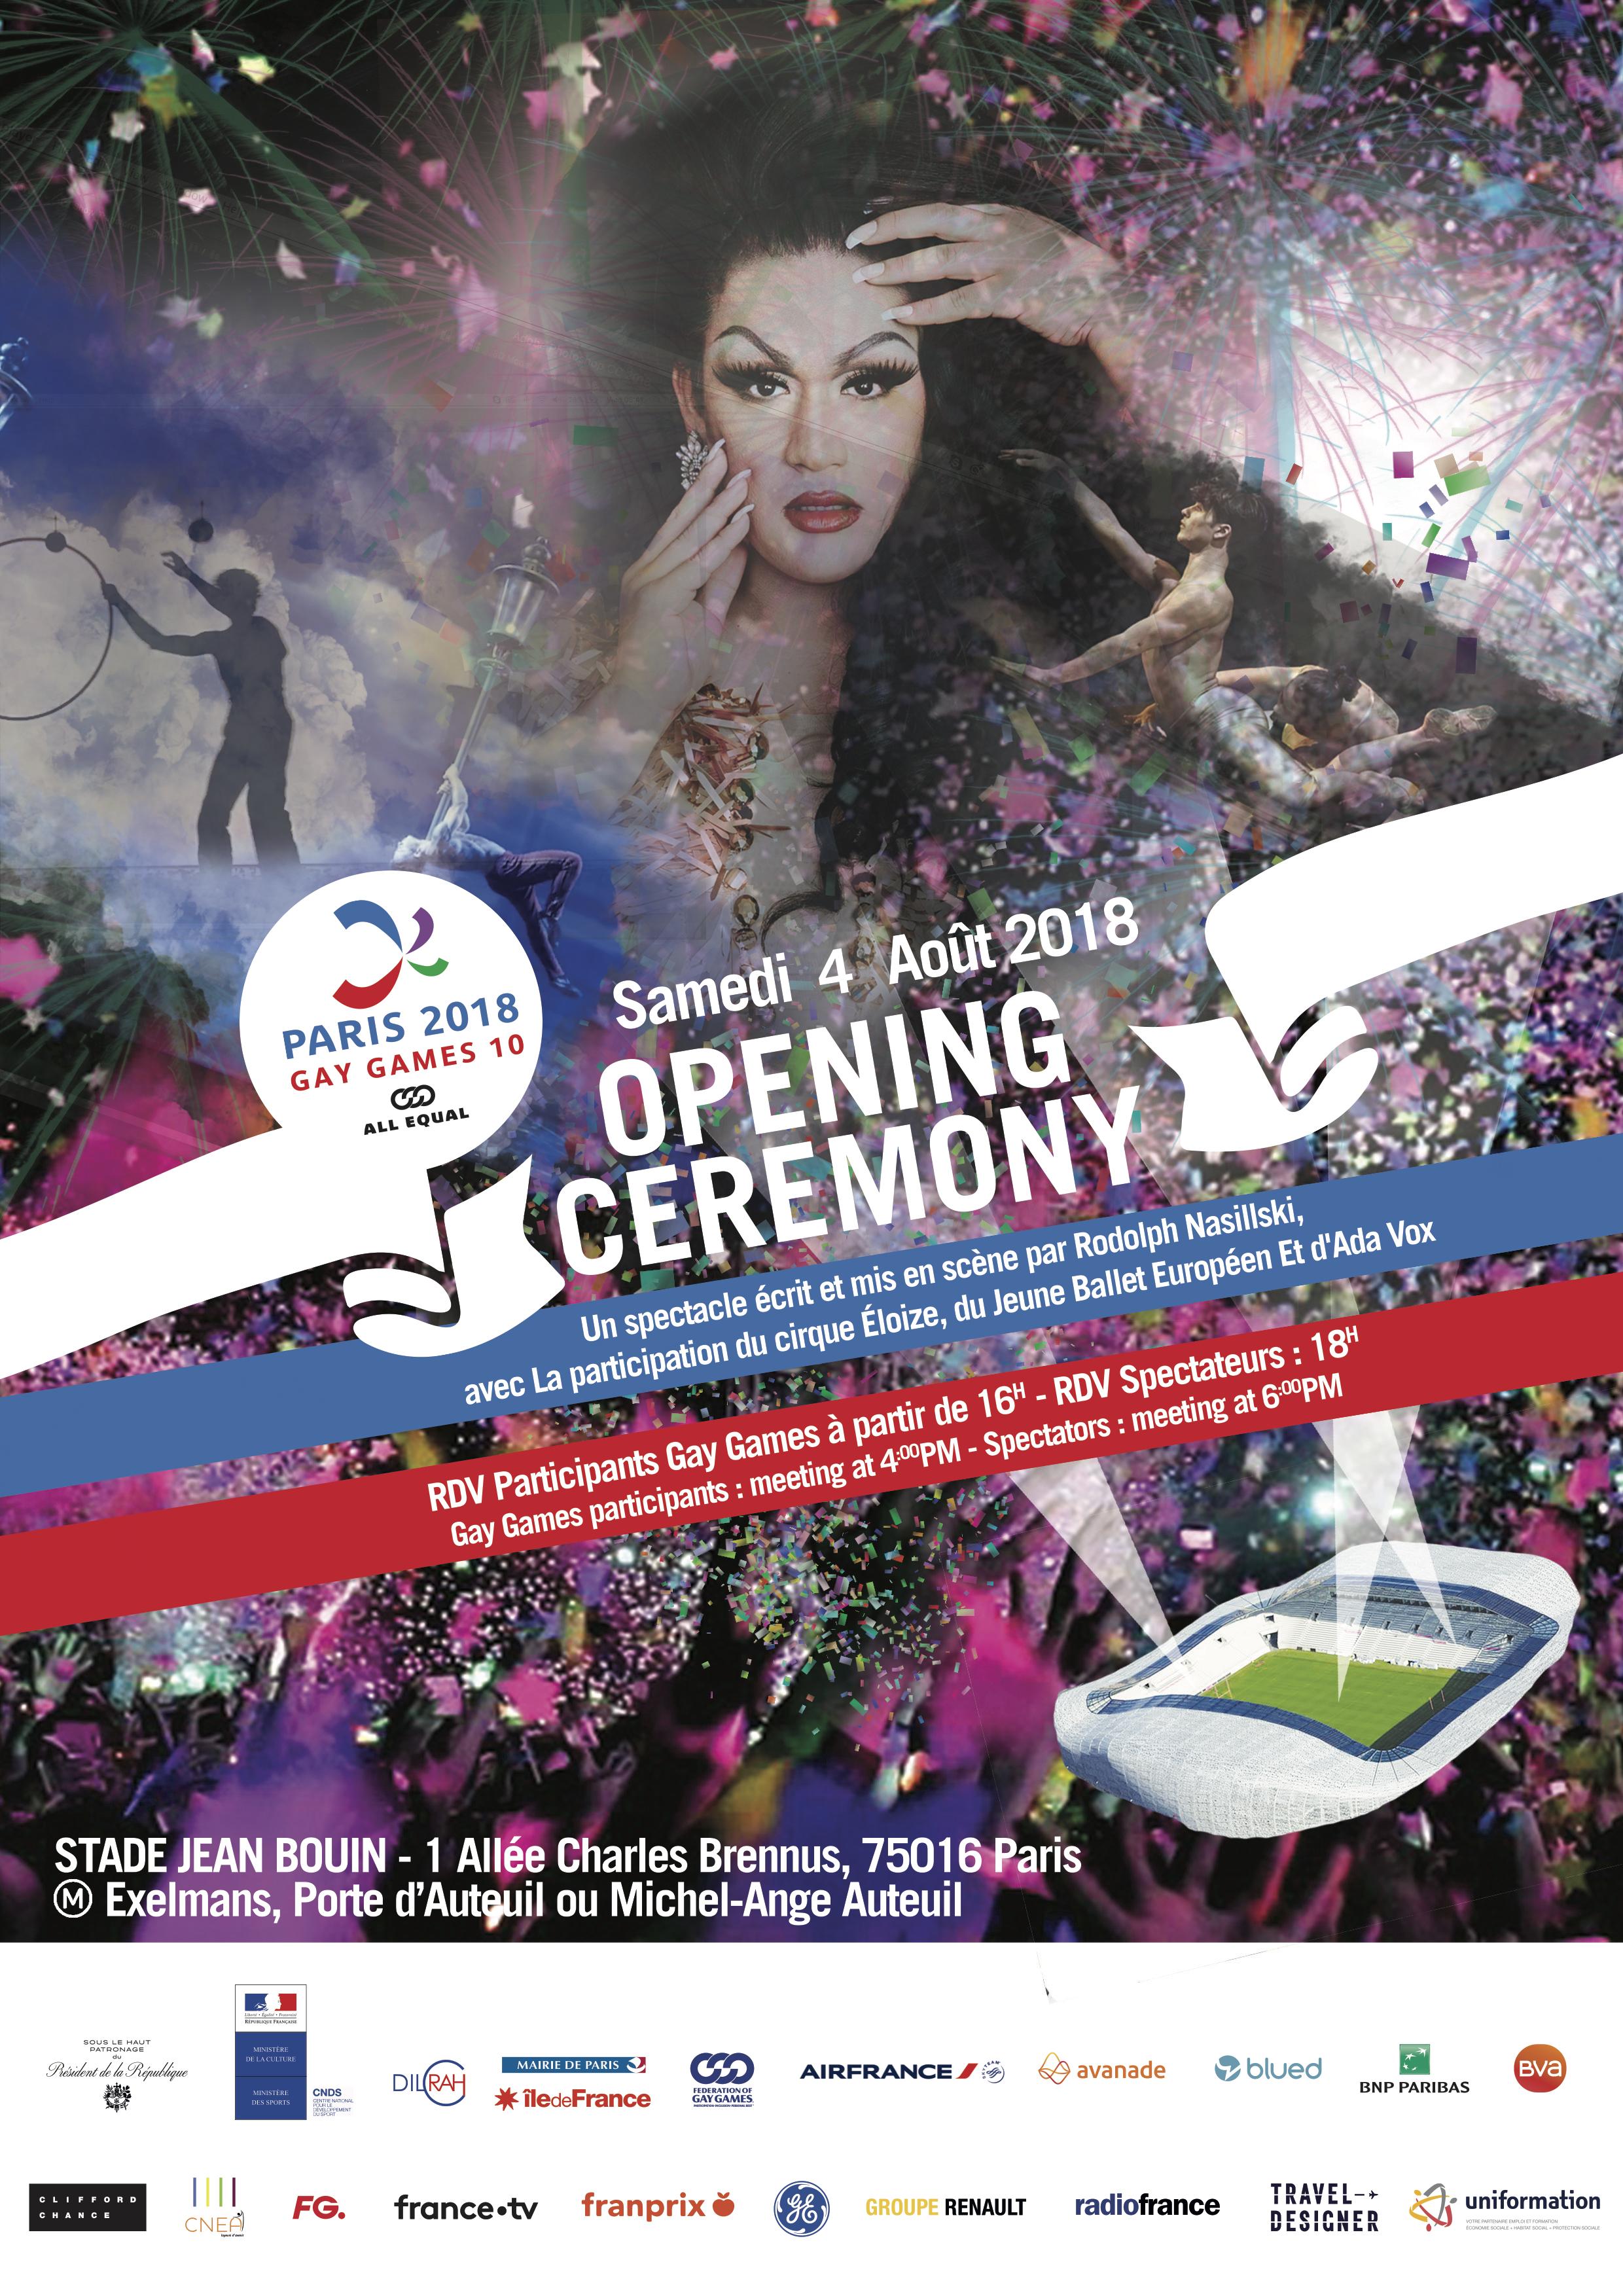 2_Opening Ceremony